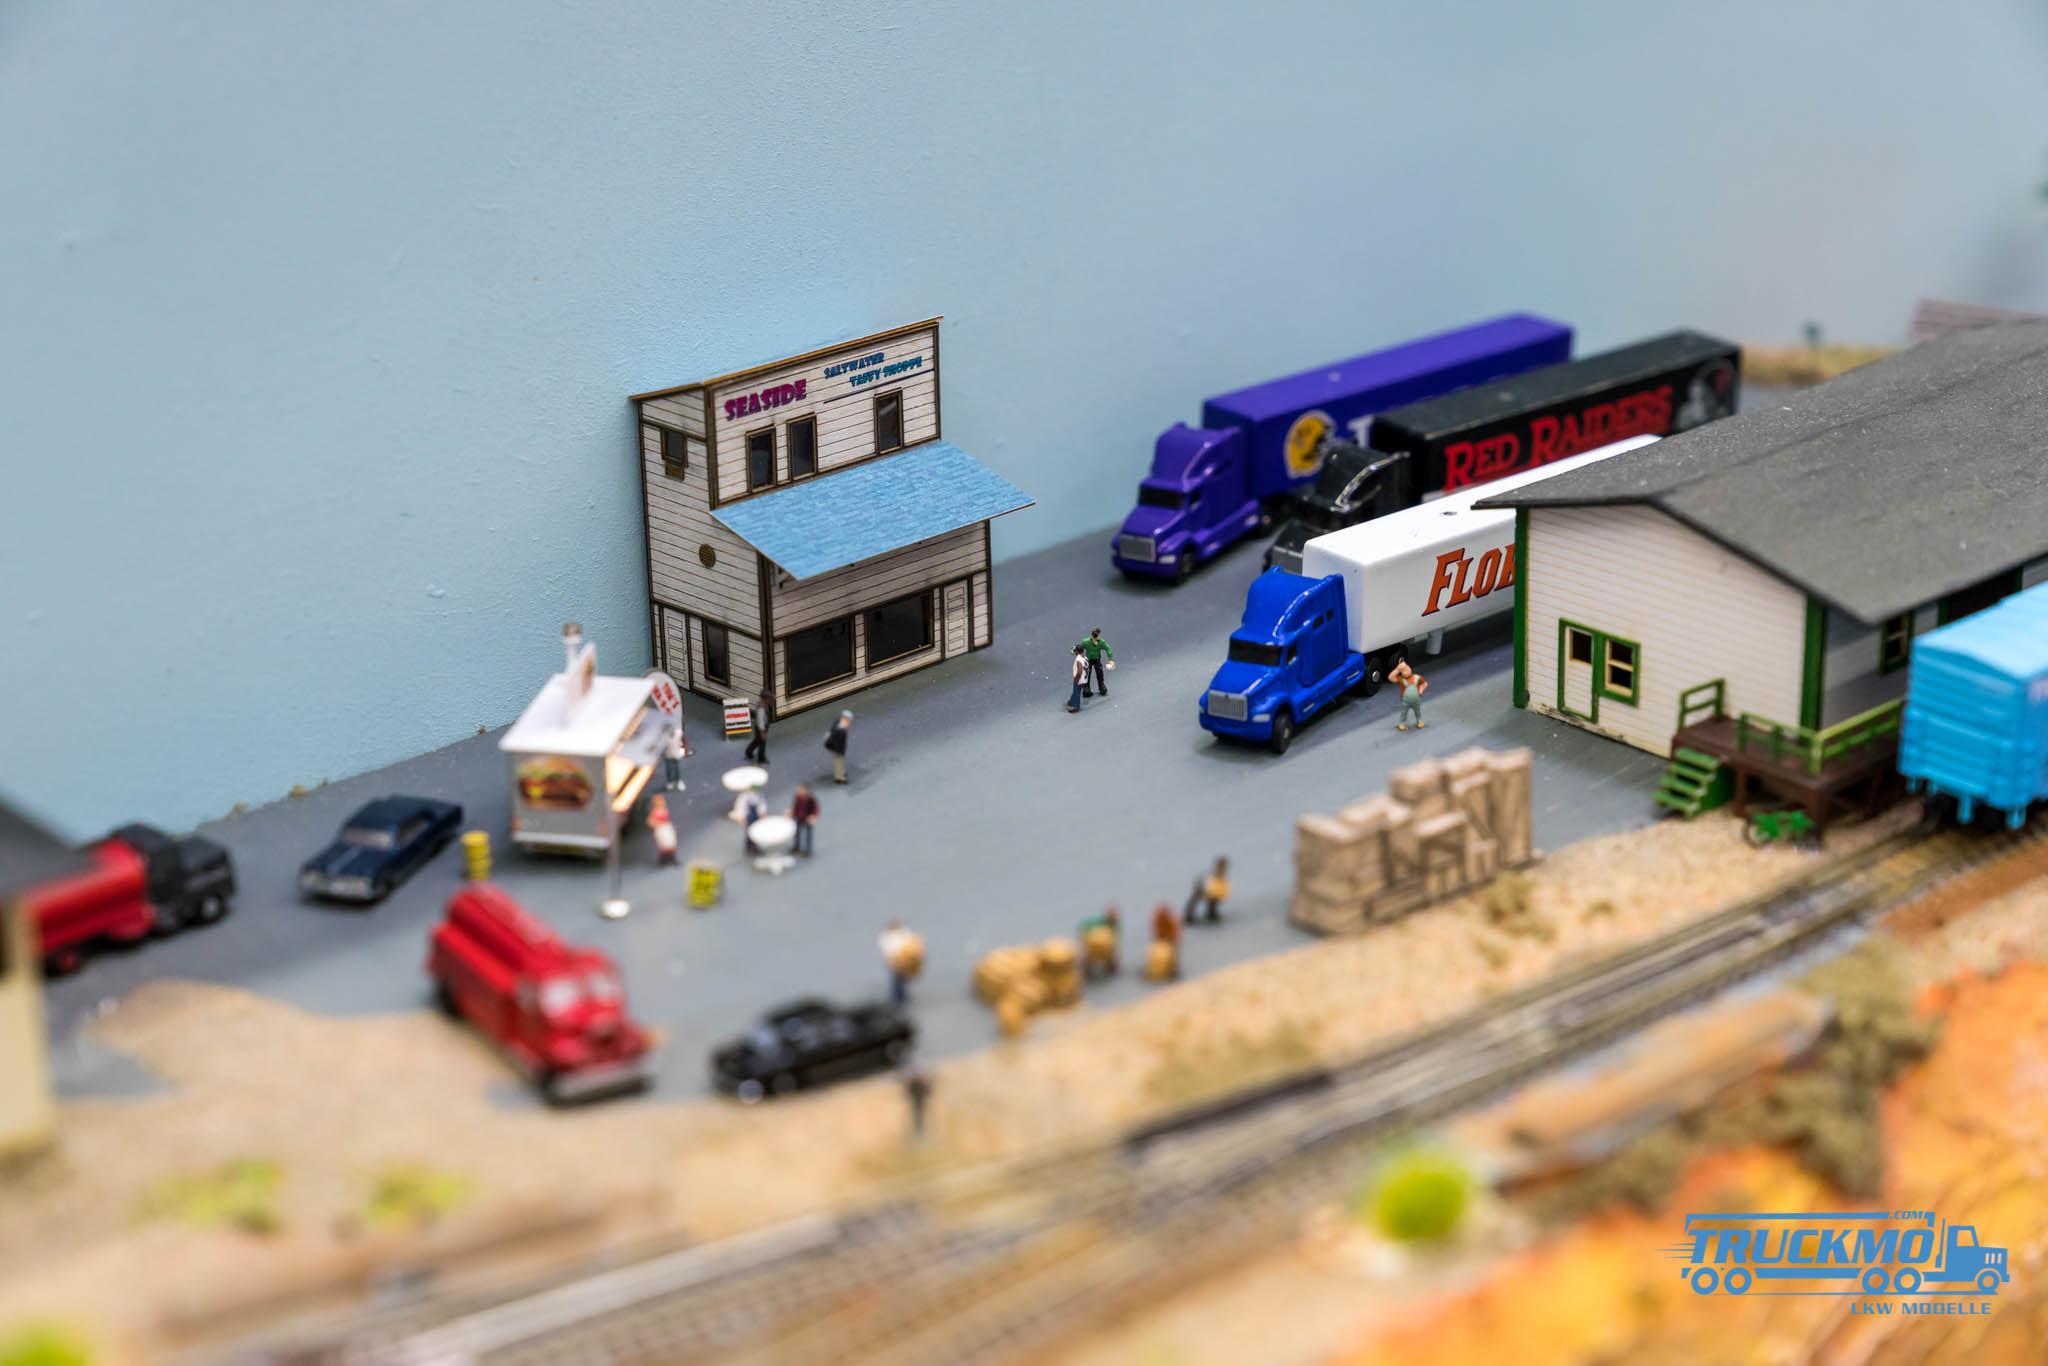 Truckmo_Modellbau_Ried_2017_Herpa_Messe_Modellbauausstellung (109 von 1177)